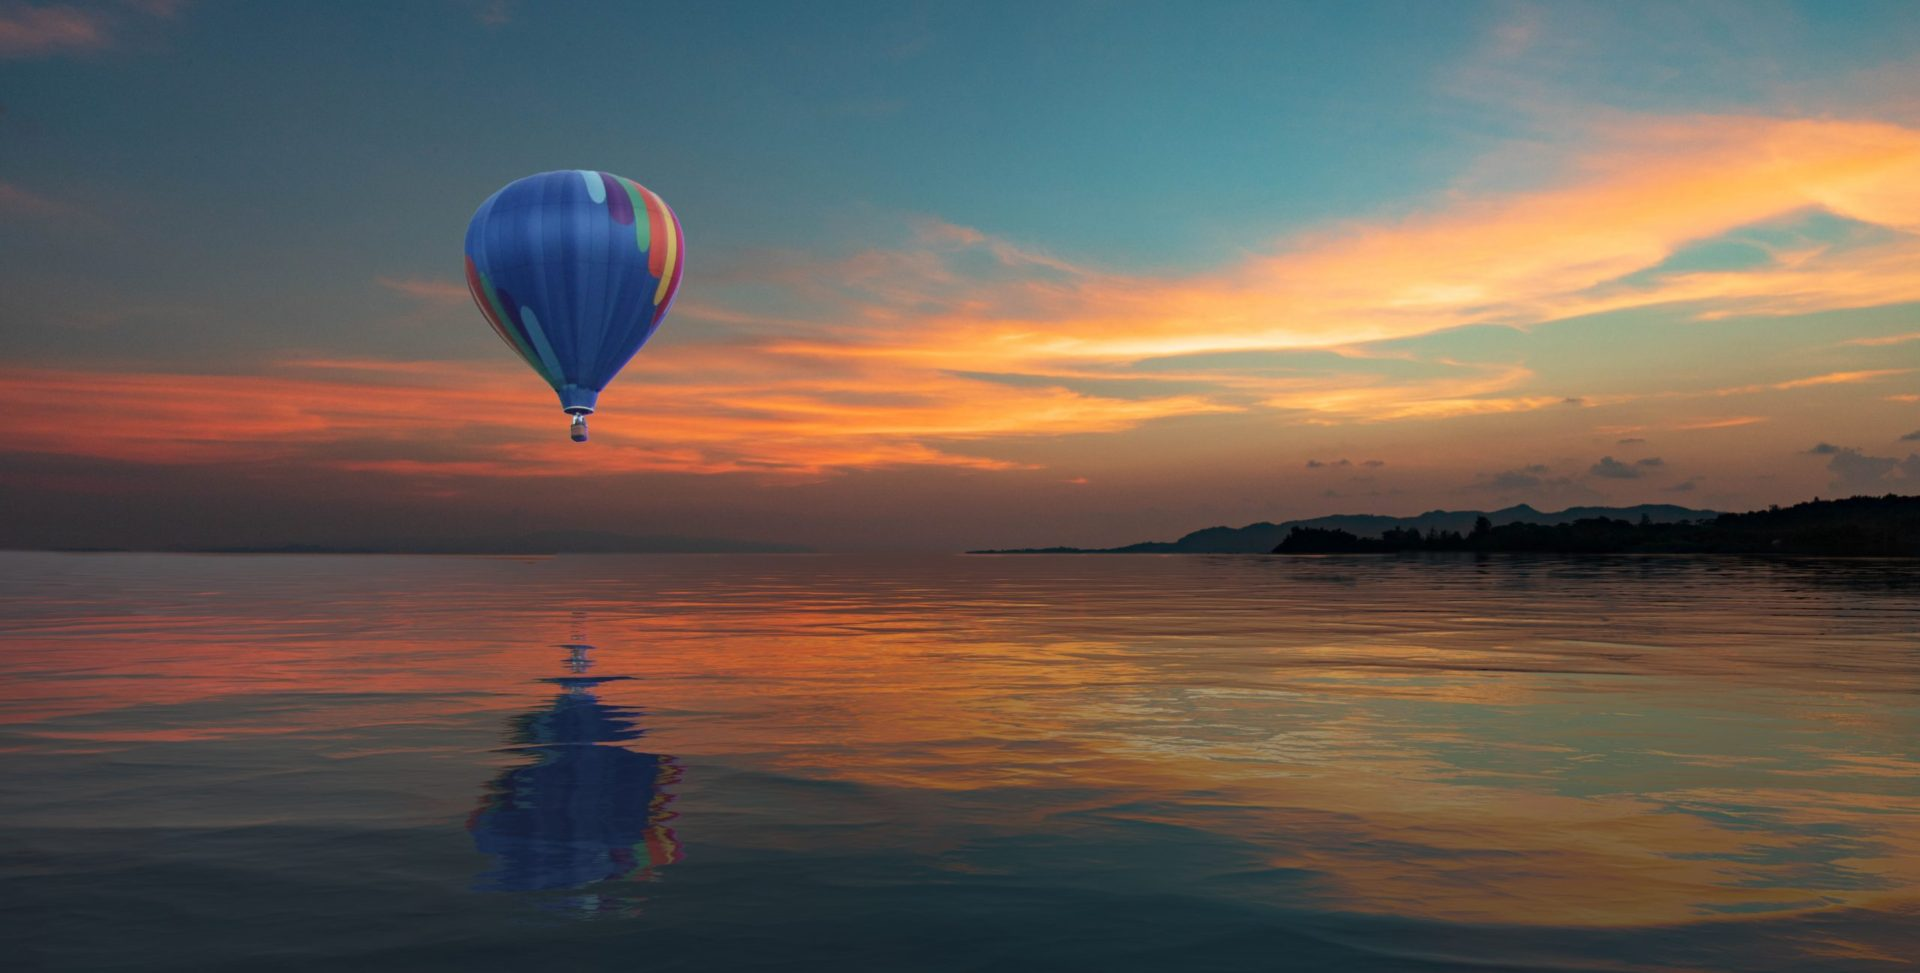 Retrievable Space Balloon